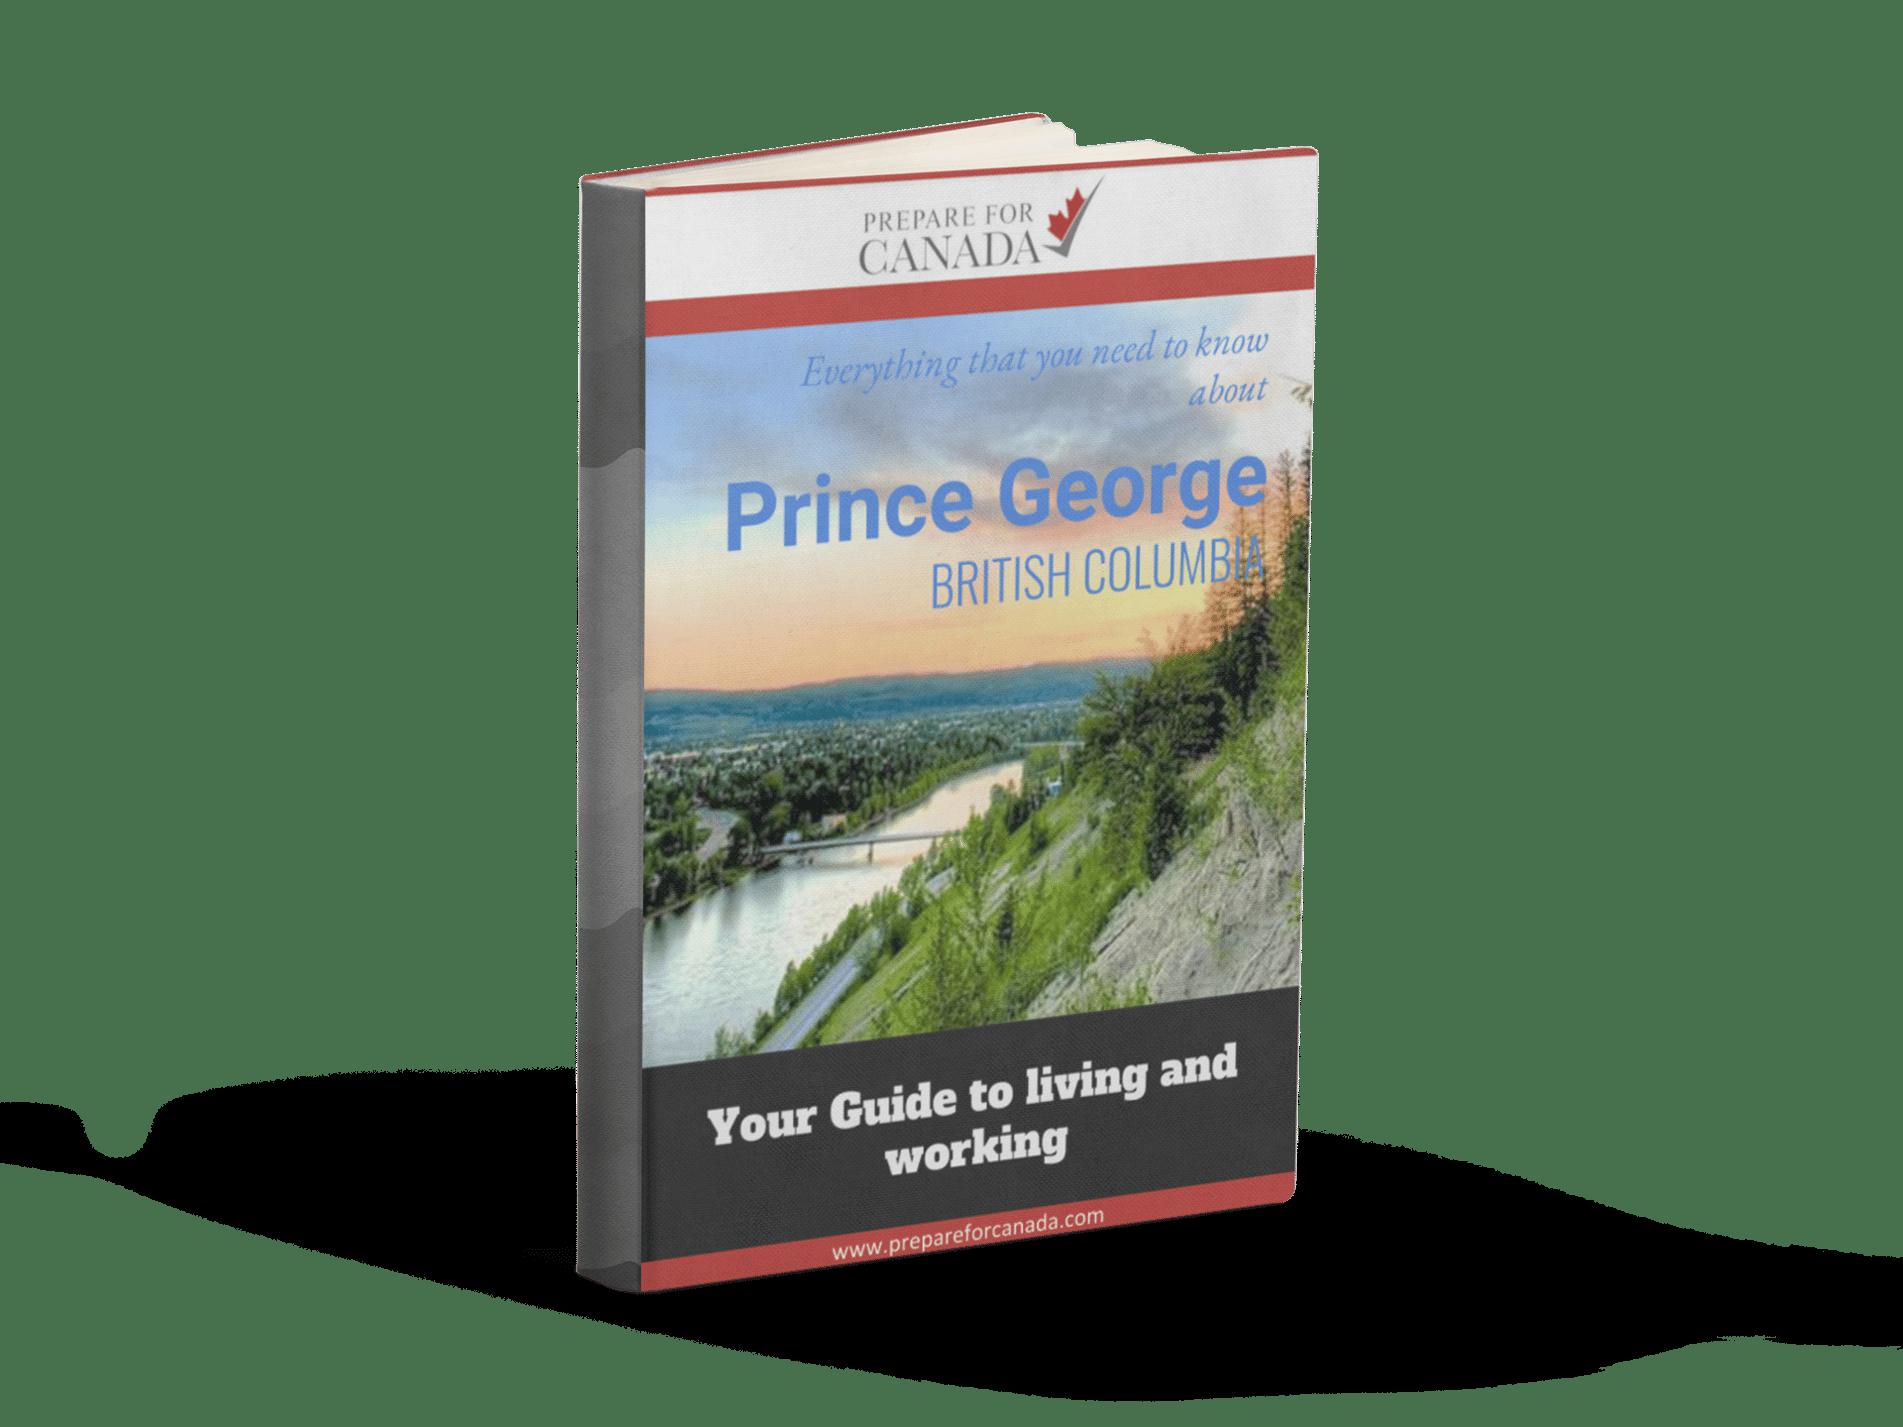 princegeorgeebook.png